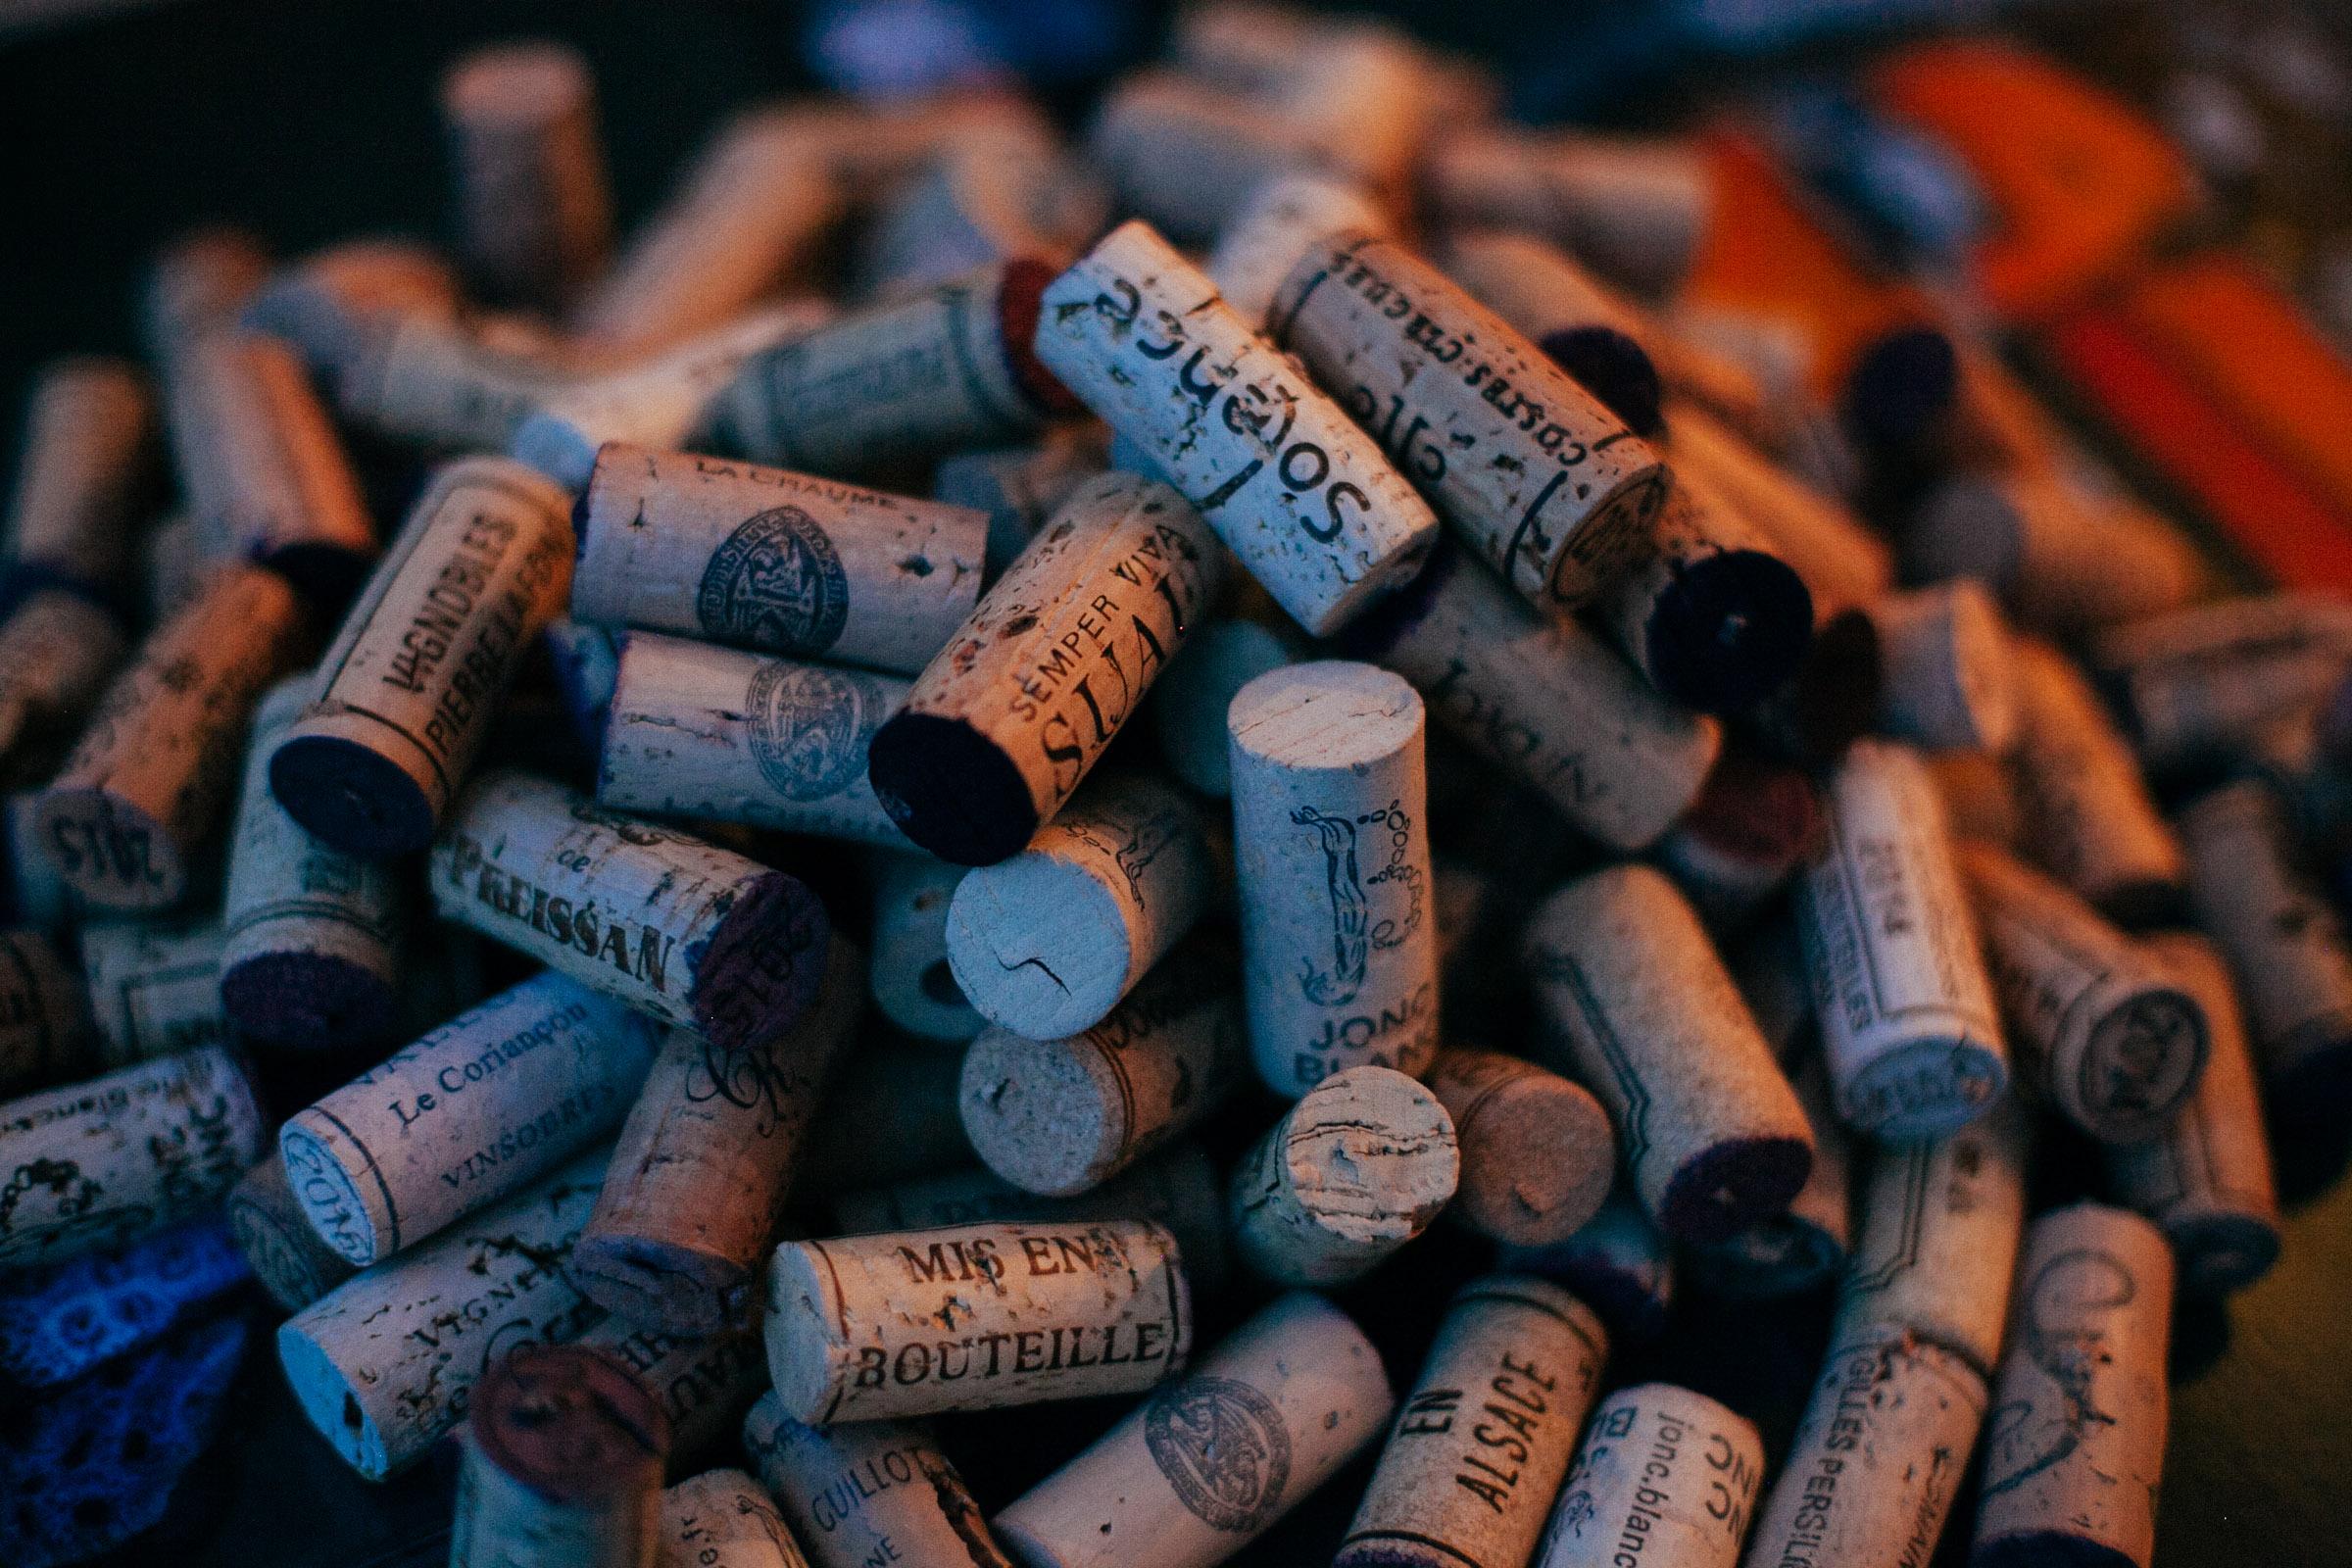 Quelques échantillons prélevés dans la galaxie des vins au naturel